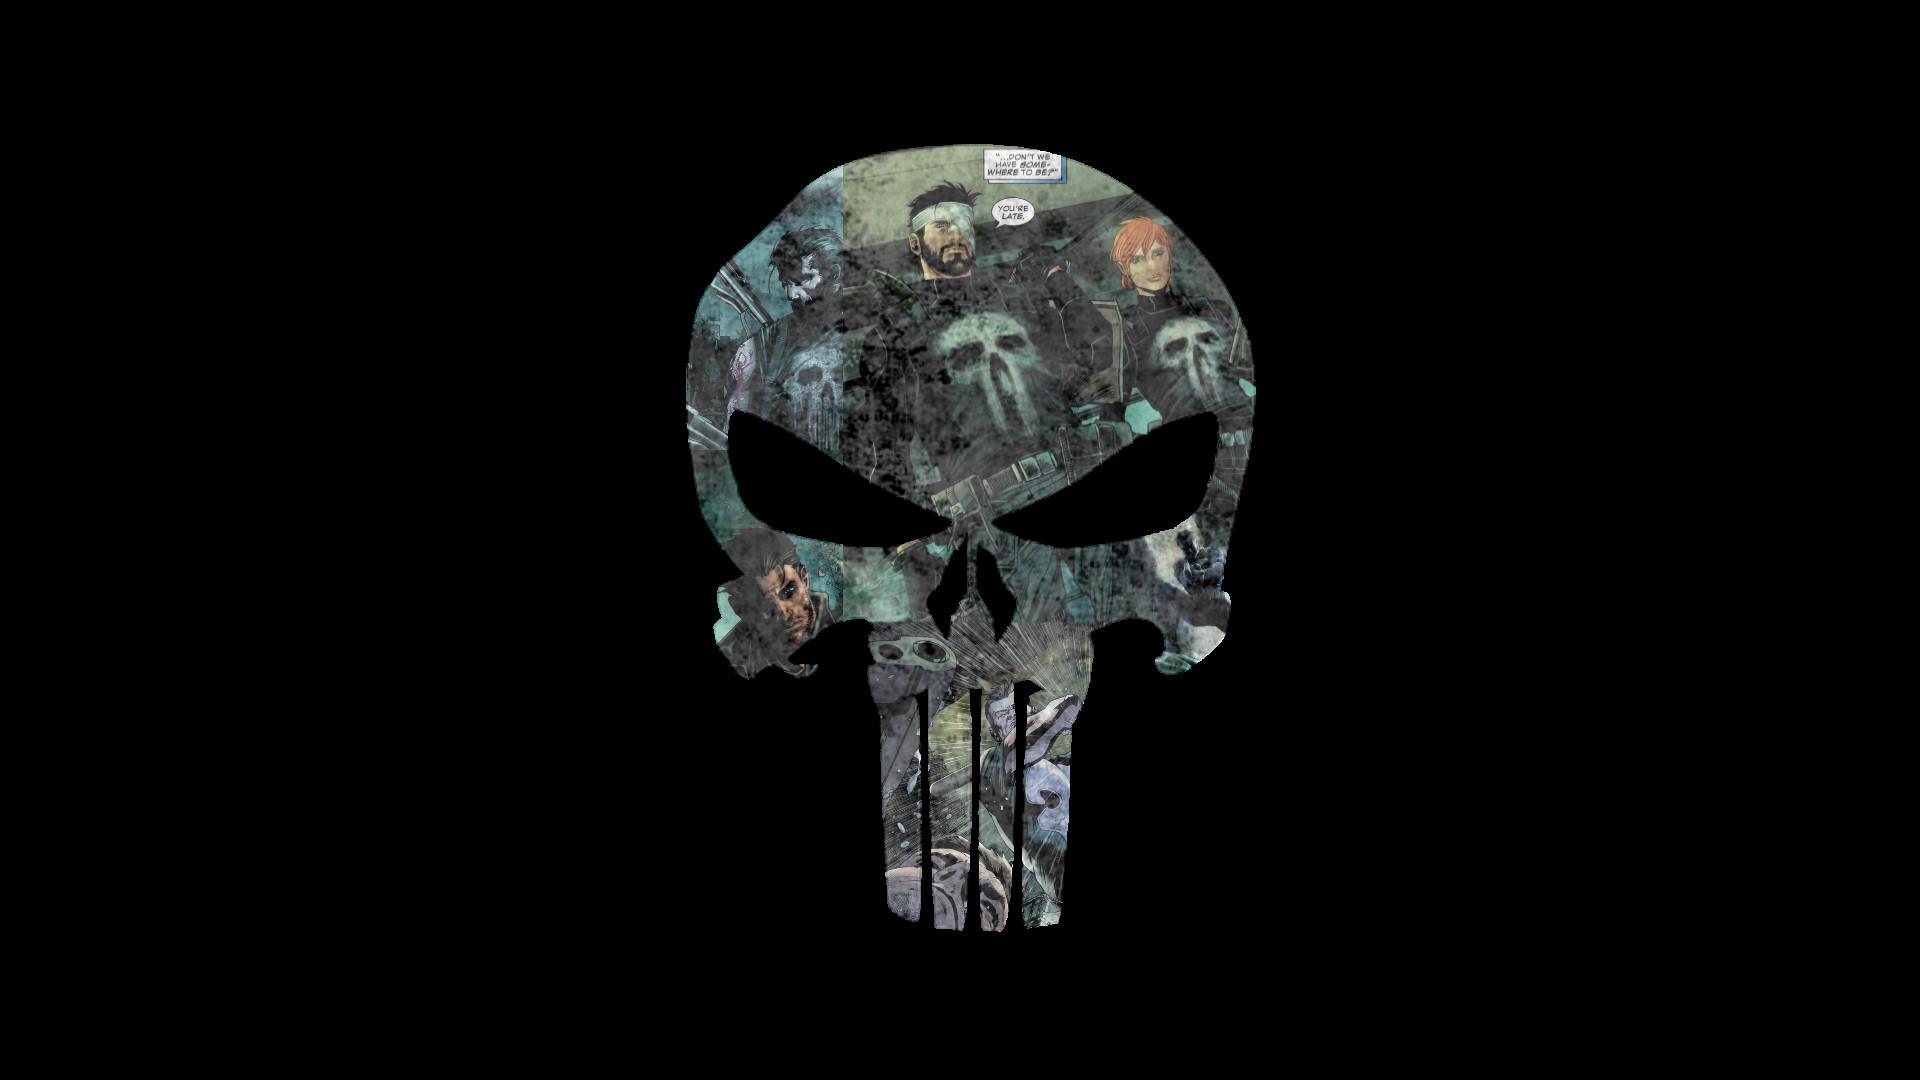 Punisher Wallpaper Skull 59 Images